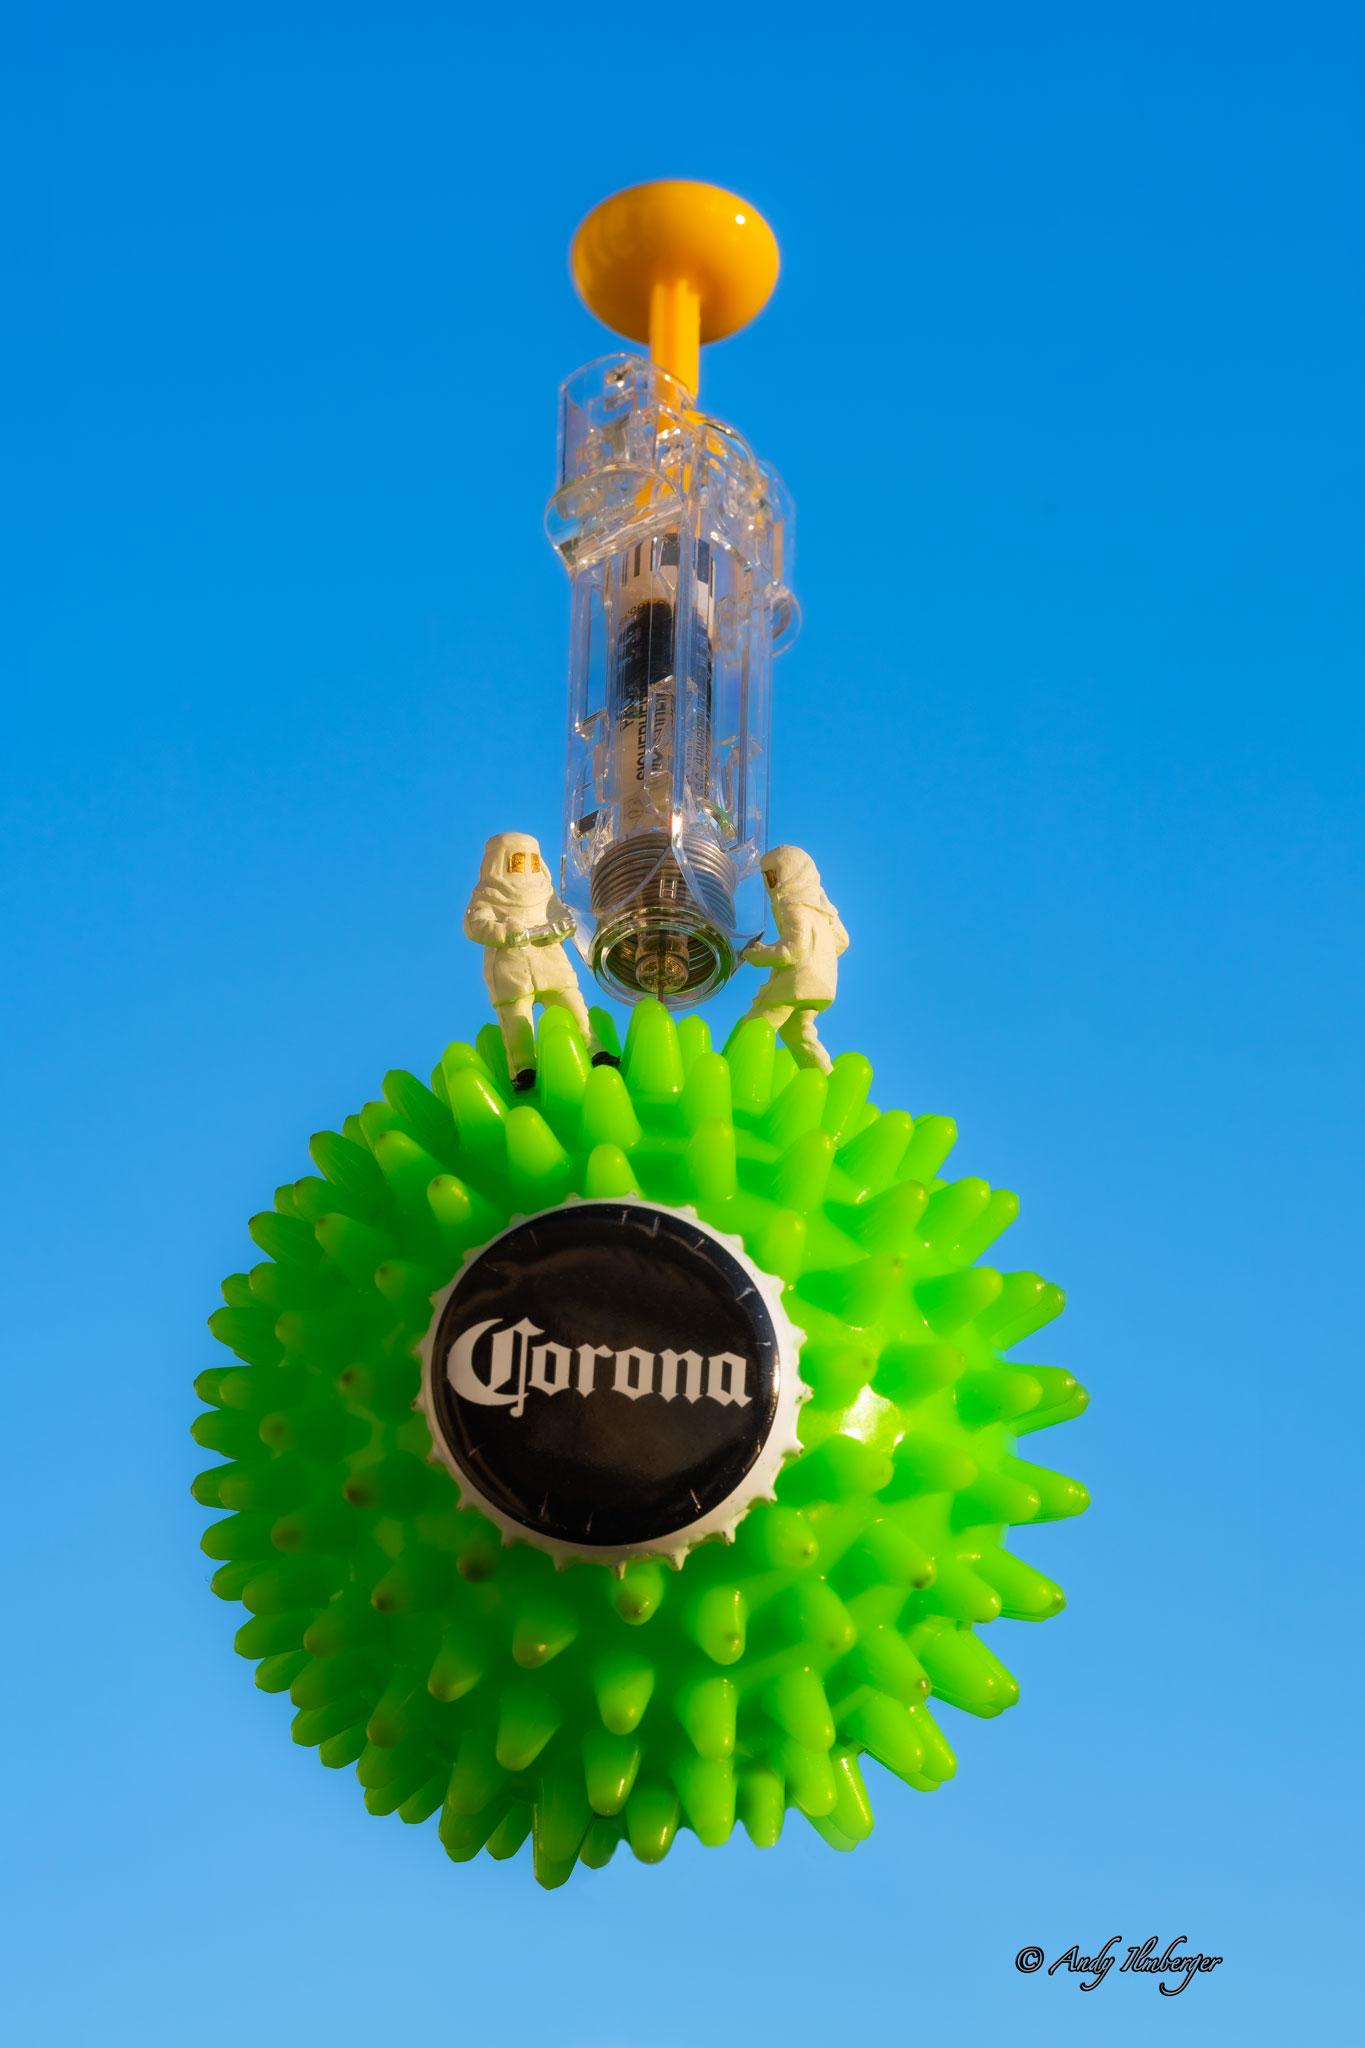 H0-Helden - Impfstoff gegen Corona - H0-Figuren in Szene gesetzt von © Andy Ilmberger im Kleine-Helden.Club